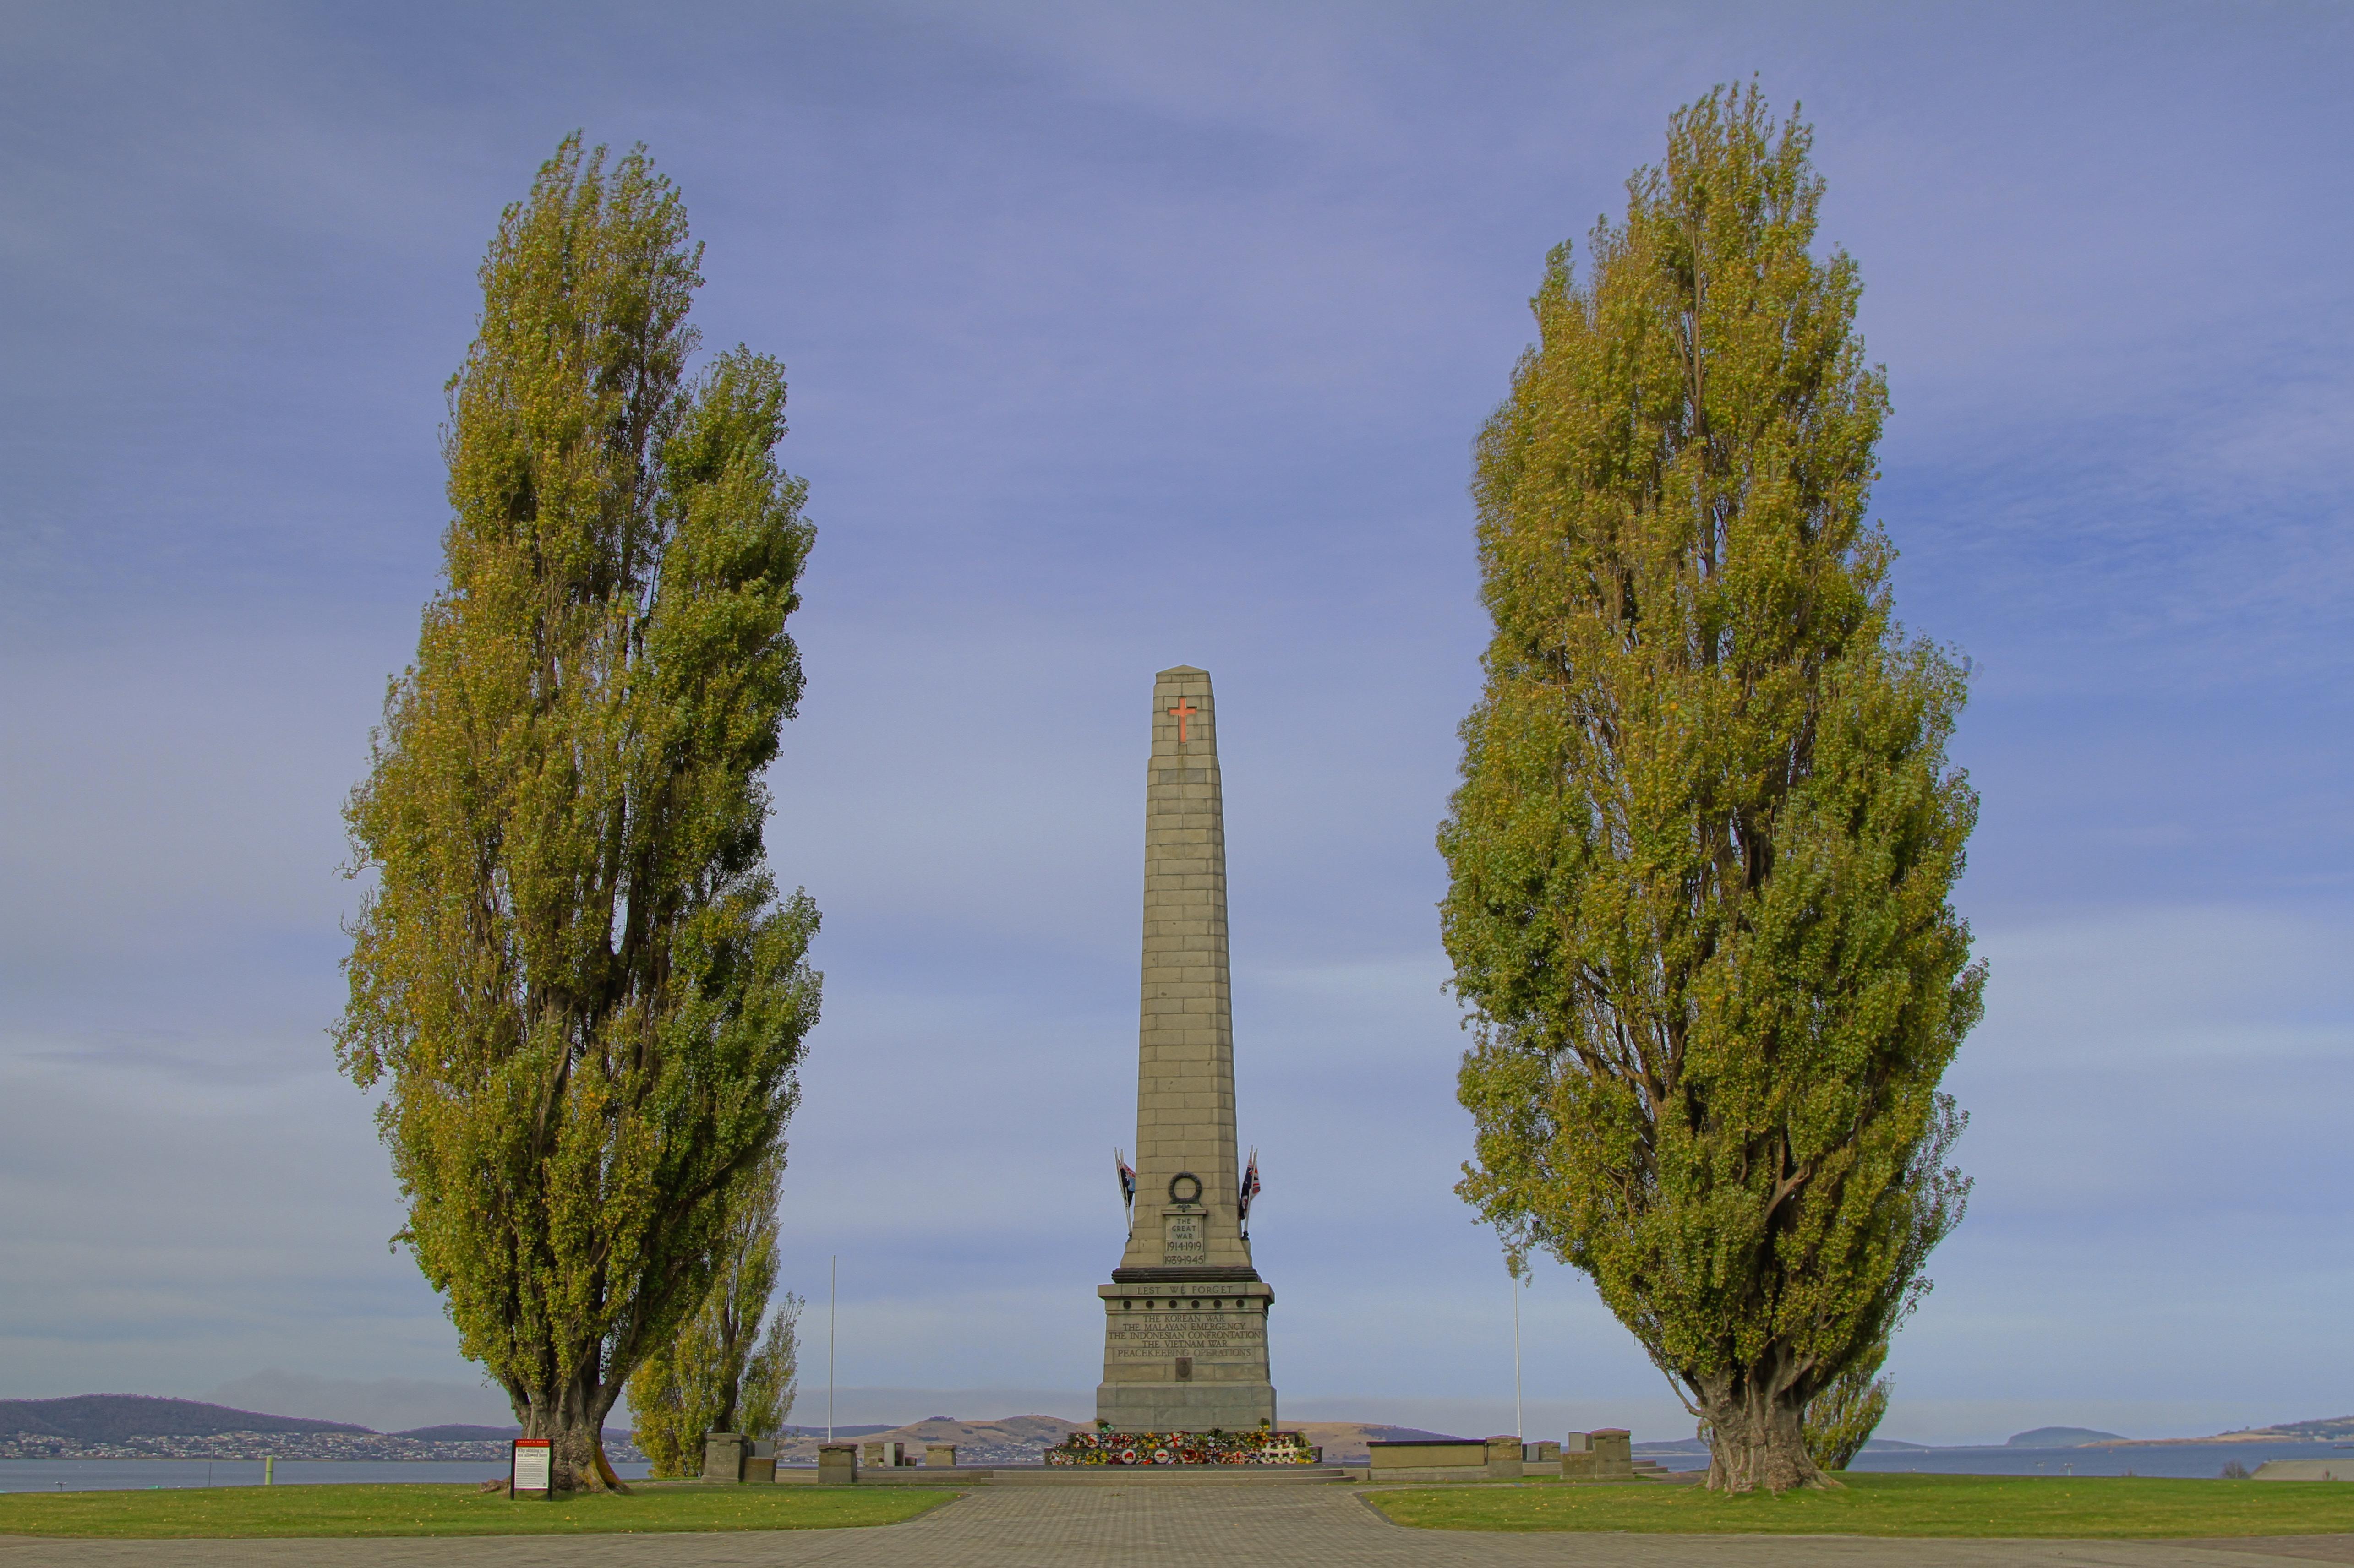 Hobart Cenotaph, Tasmania